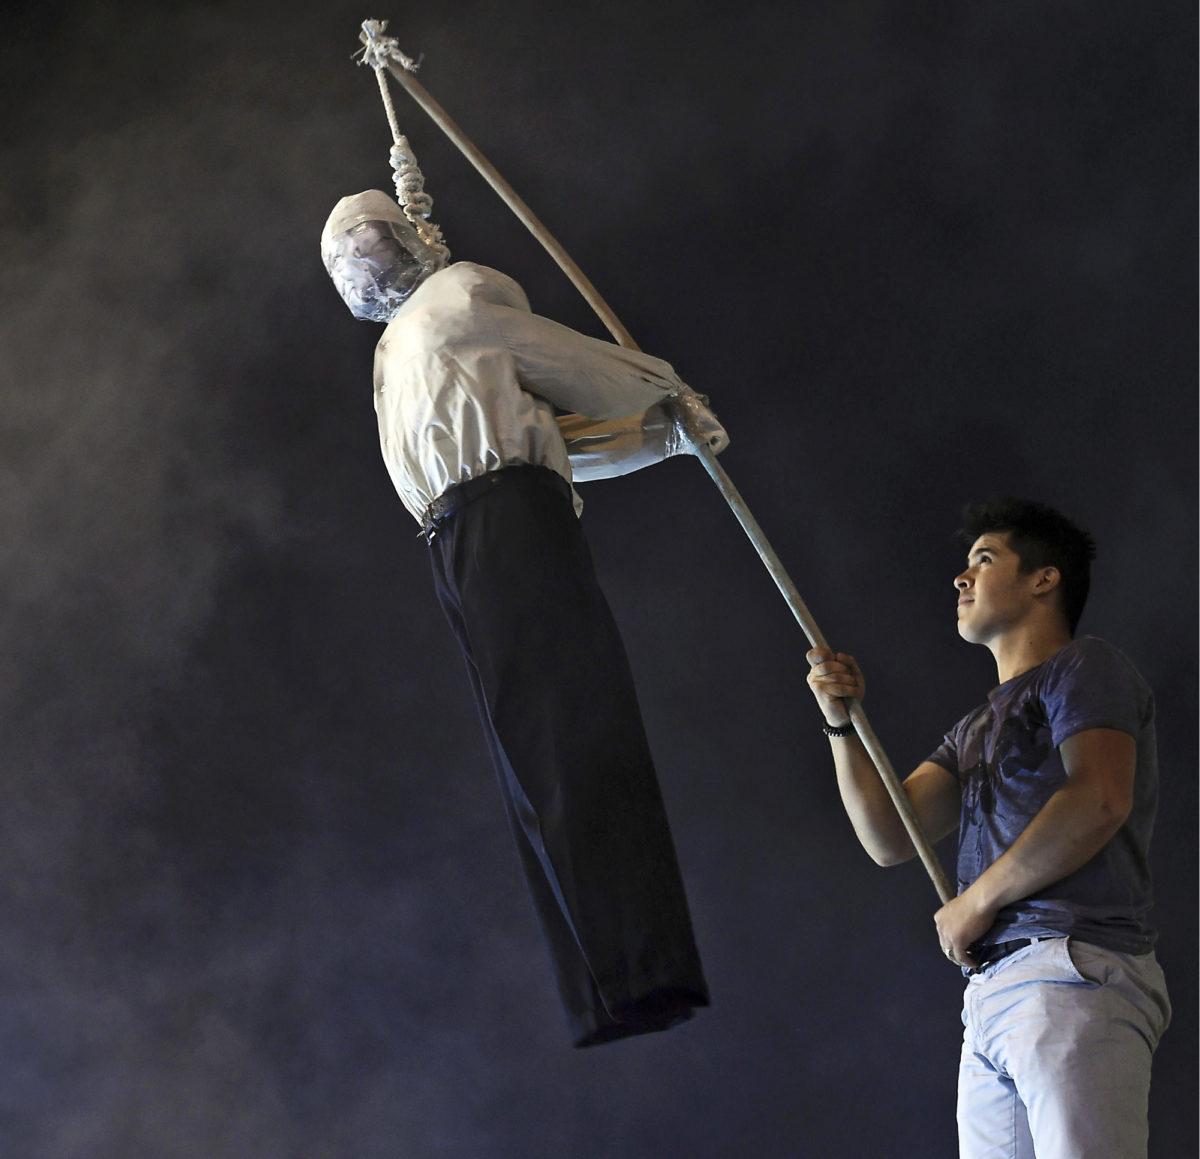 ◼Fethullah  Güleniä esittävä nukke hirtettiin  väkijoukossa  Istanbulissa  heinäkuussa.